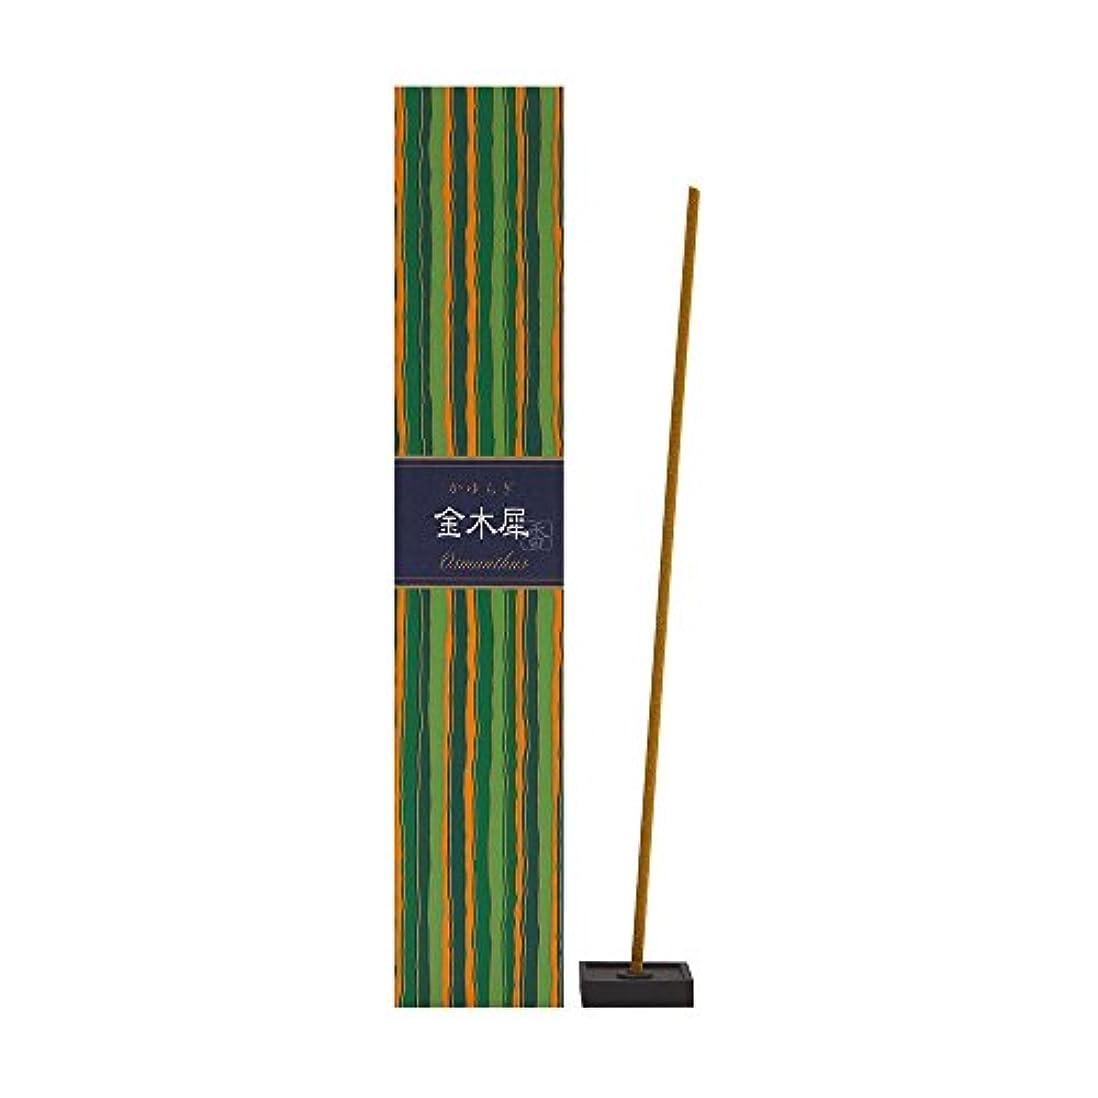 独立した独特の正規化Nippon Kodo – Kayuragi – Osmanthus 40 Sticks 1 38404